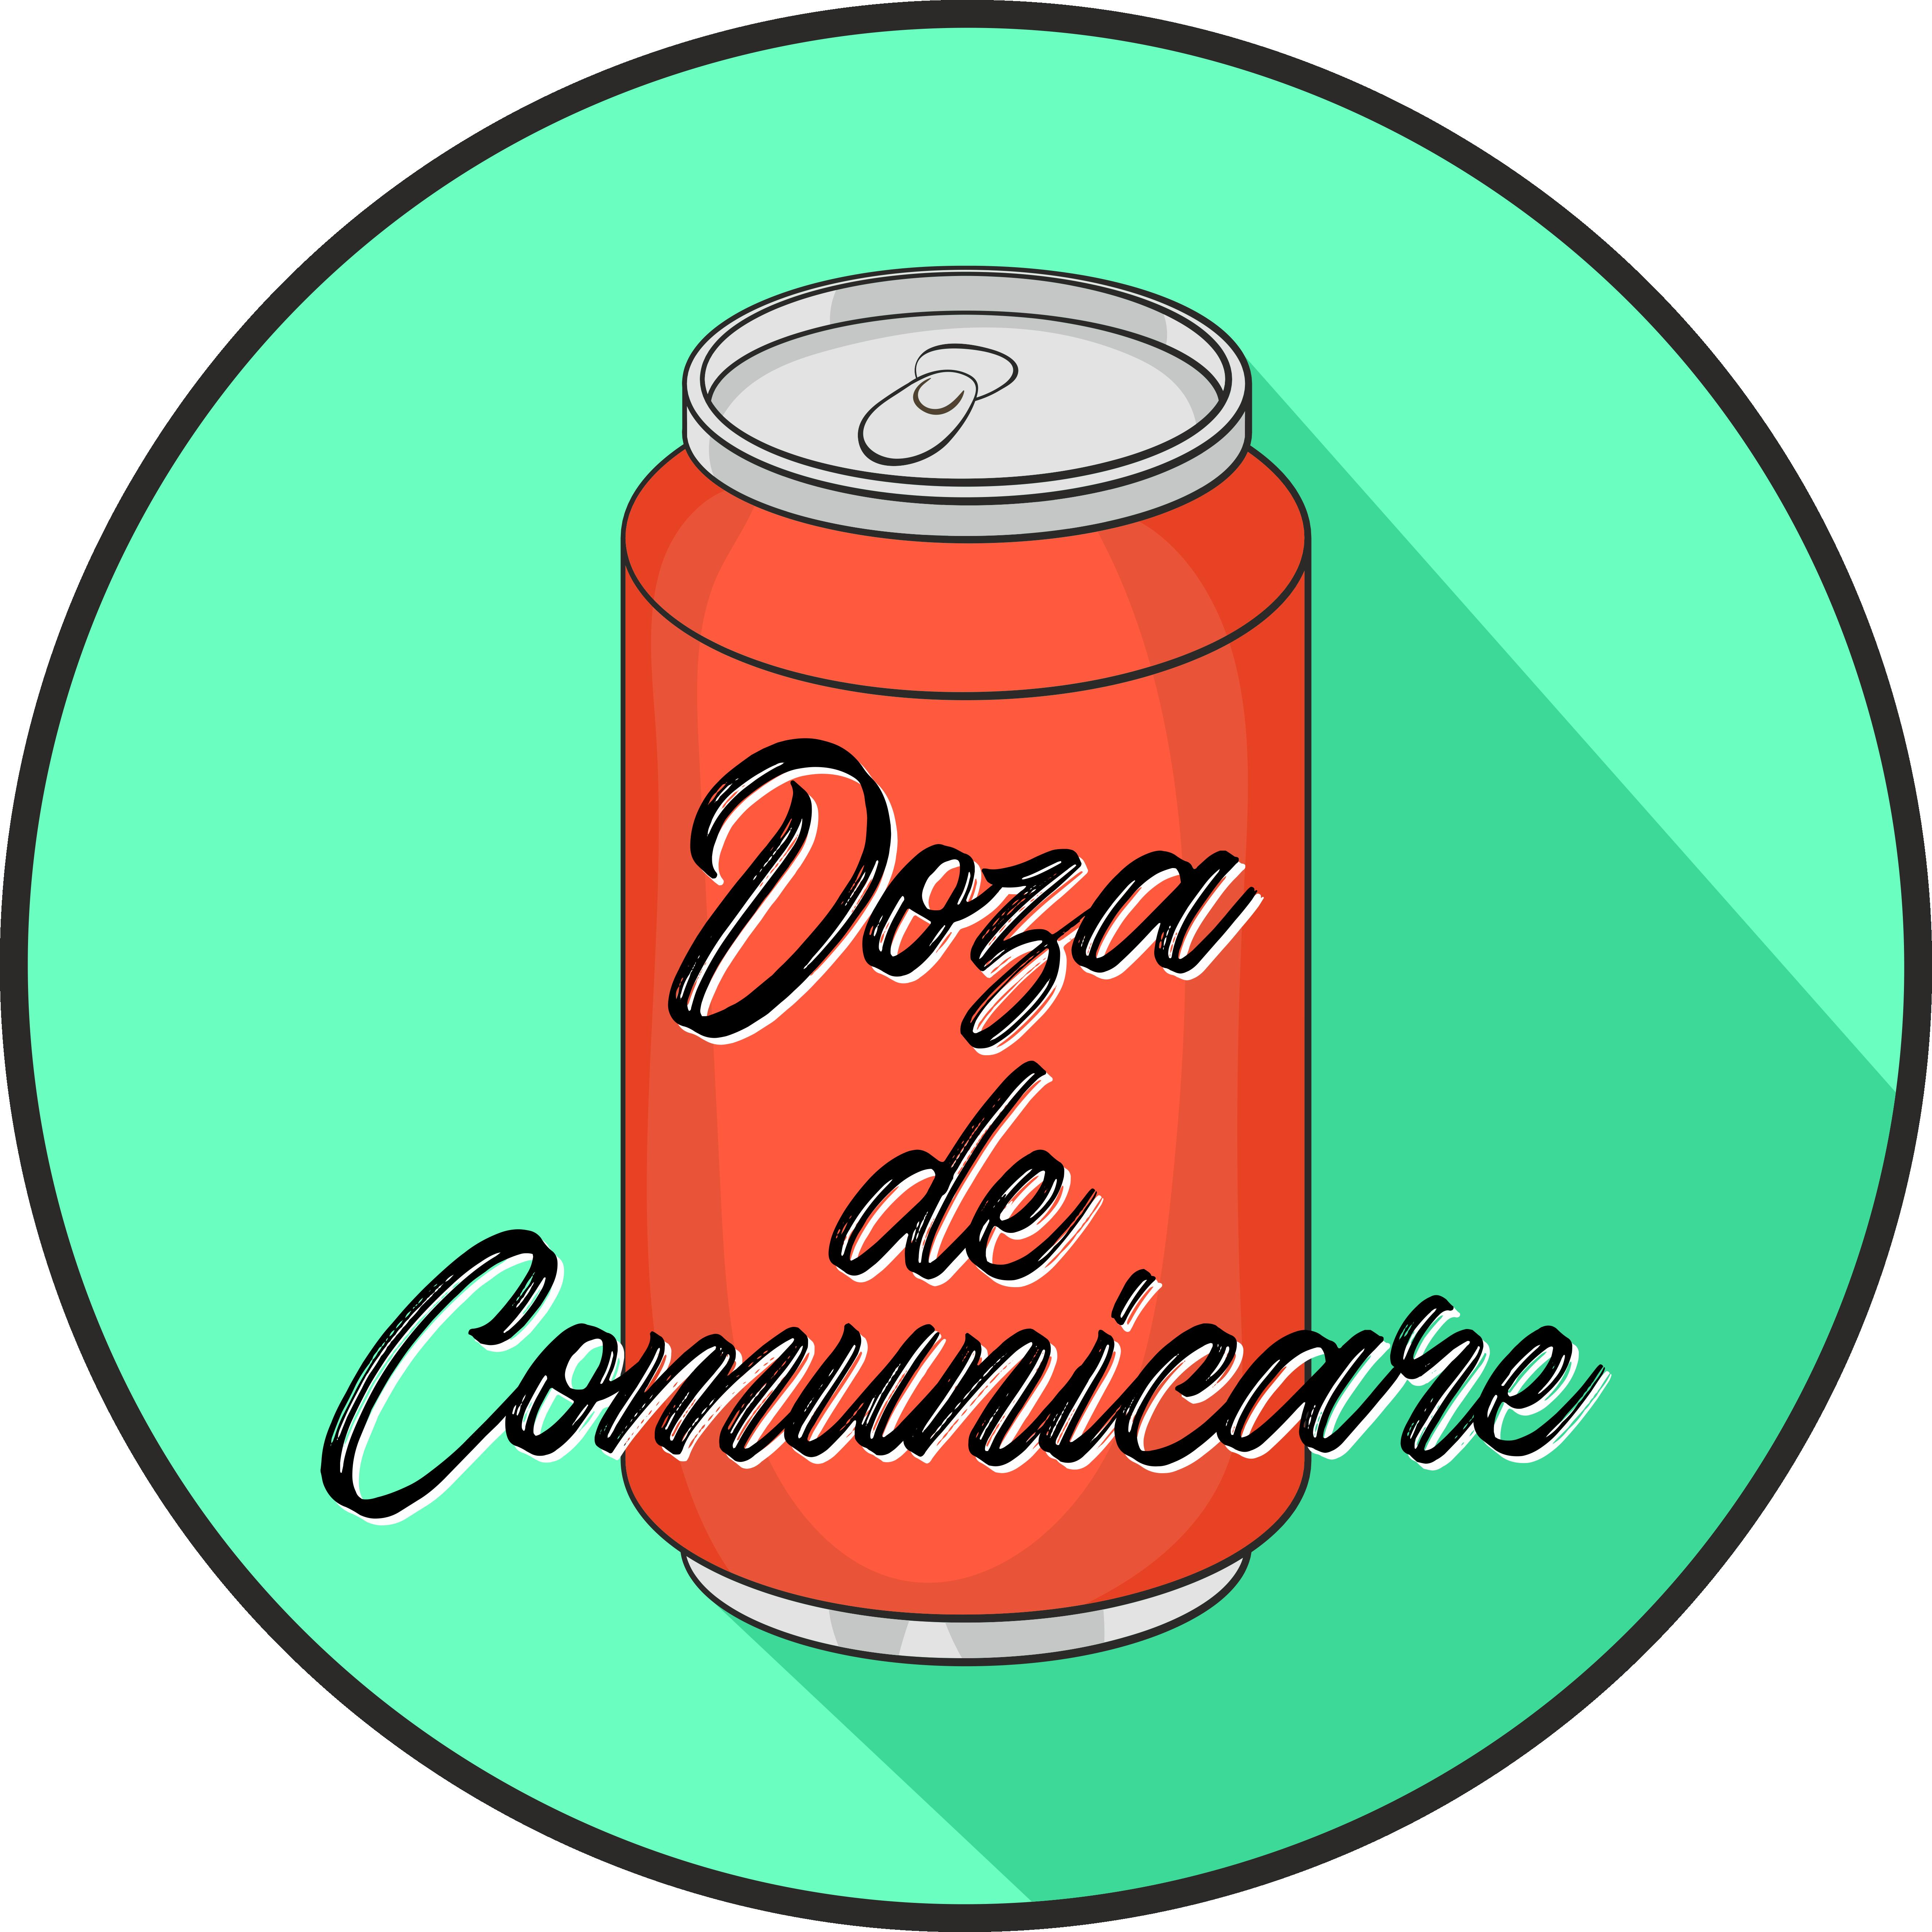 doza-de-comunicare-logo-color